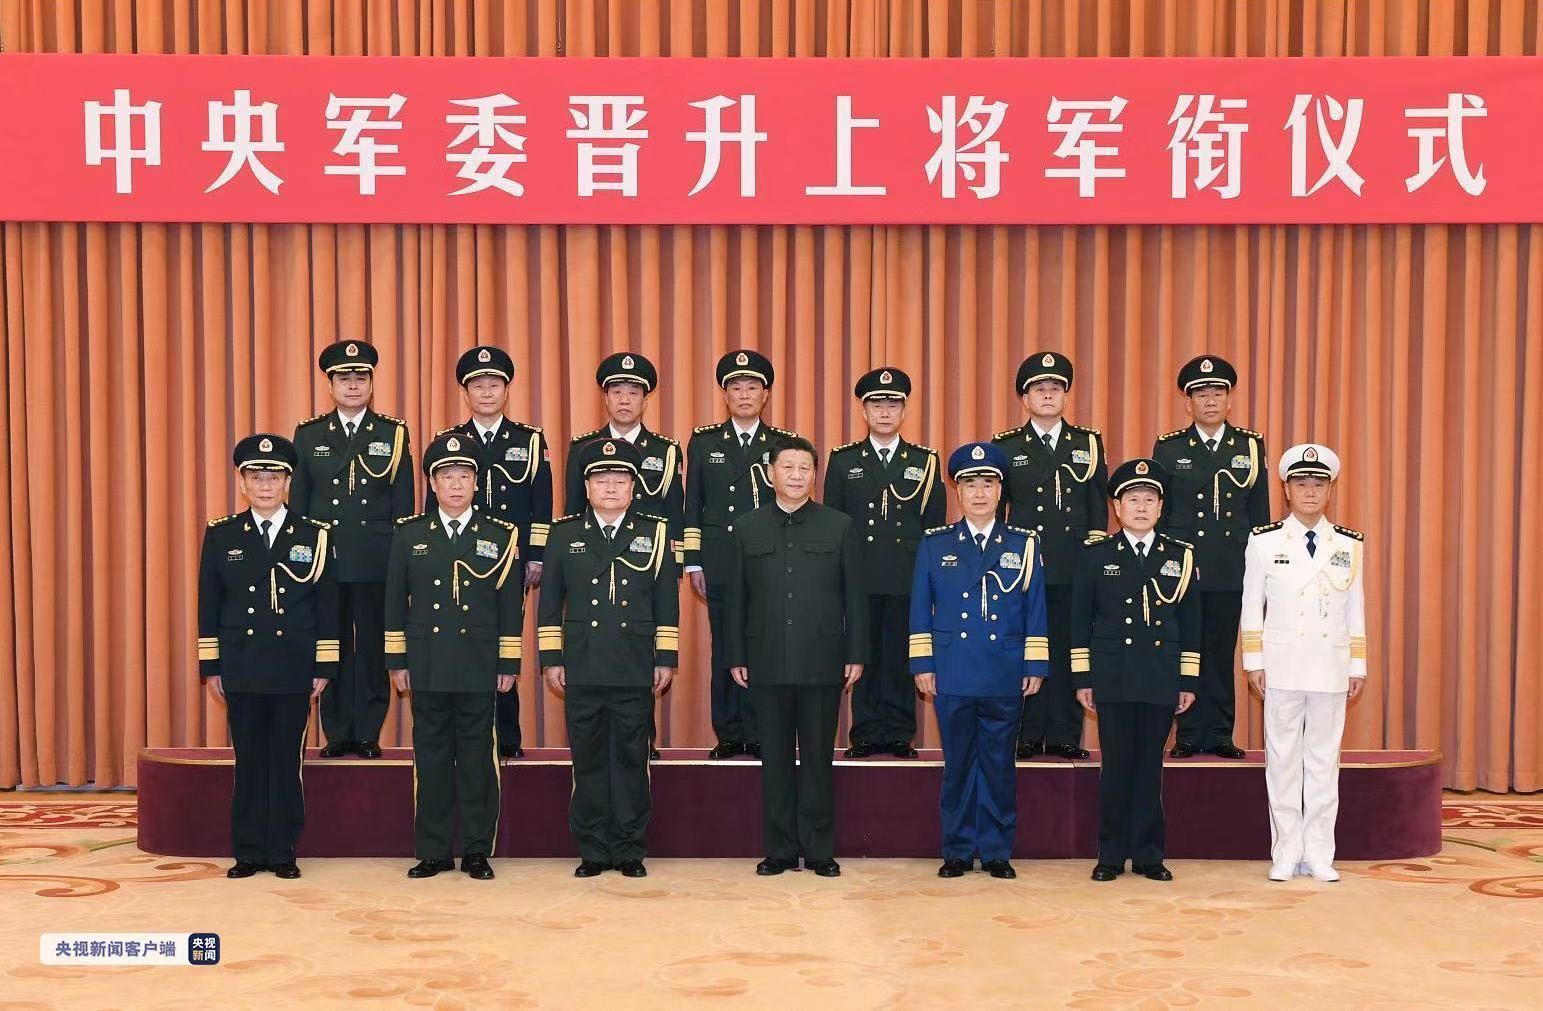 晉升上將軍銜的7位軍官,都是誰?